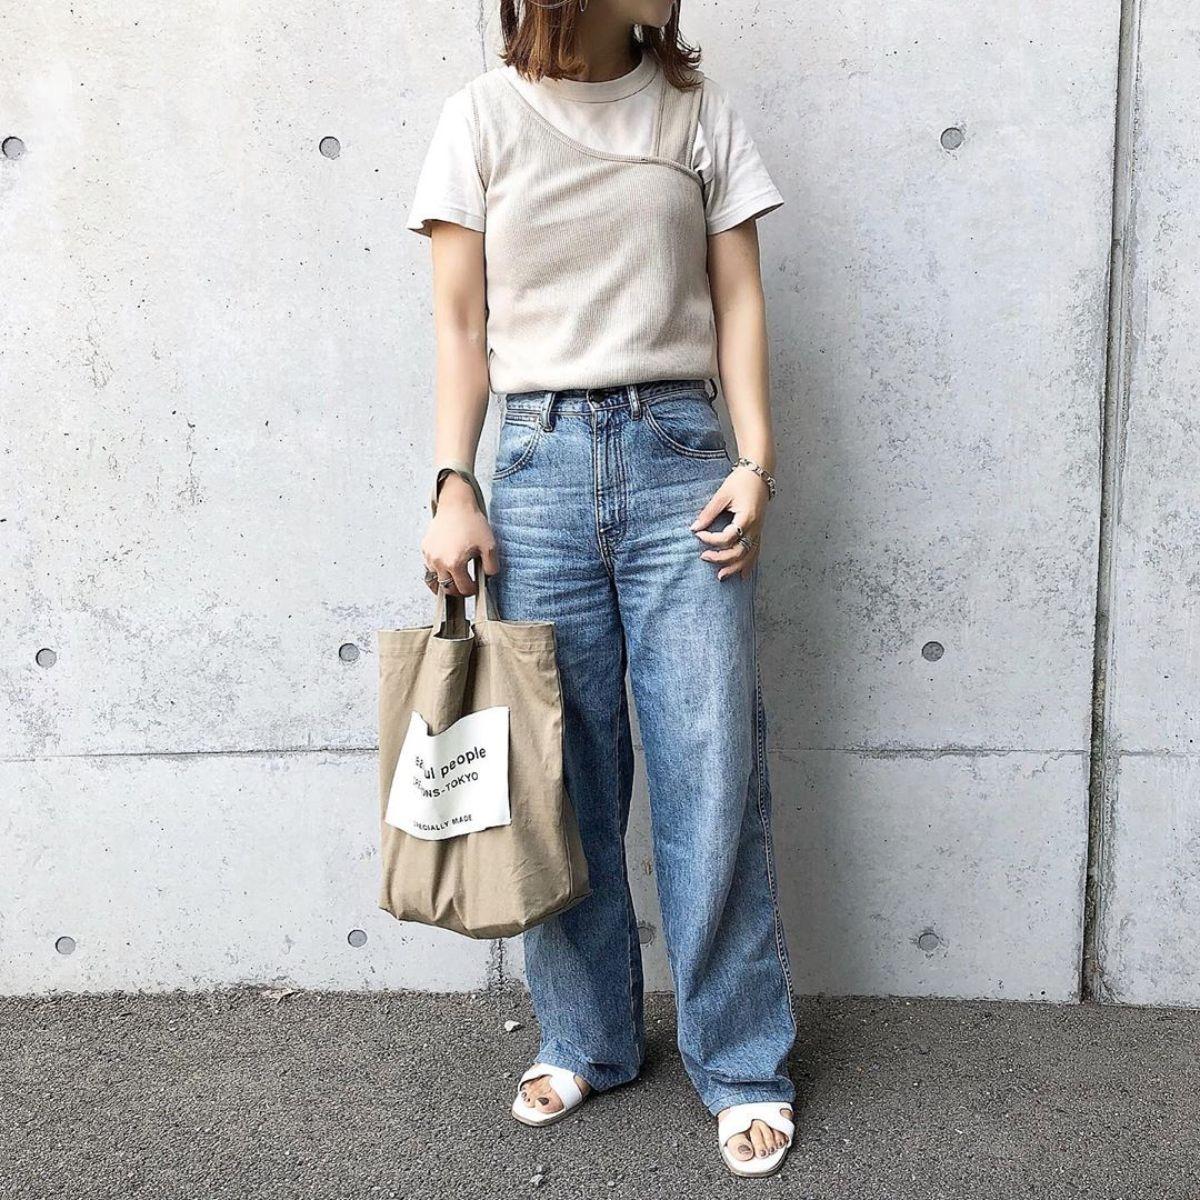 ユニクロで不動の人気!ハイライズワイドストレートジーンズが全色買いしたいくらい使えるんです